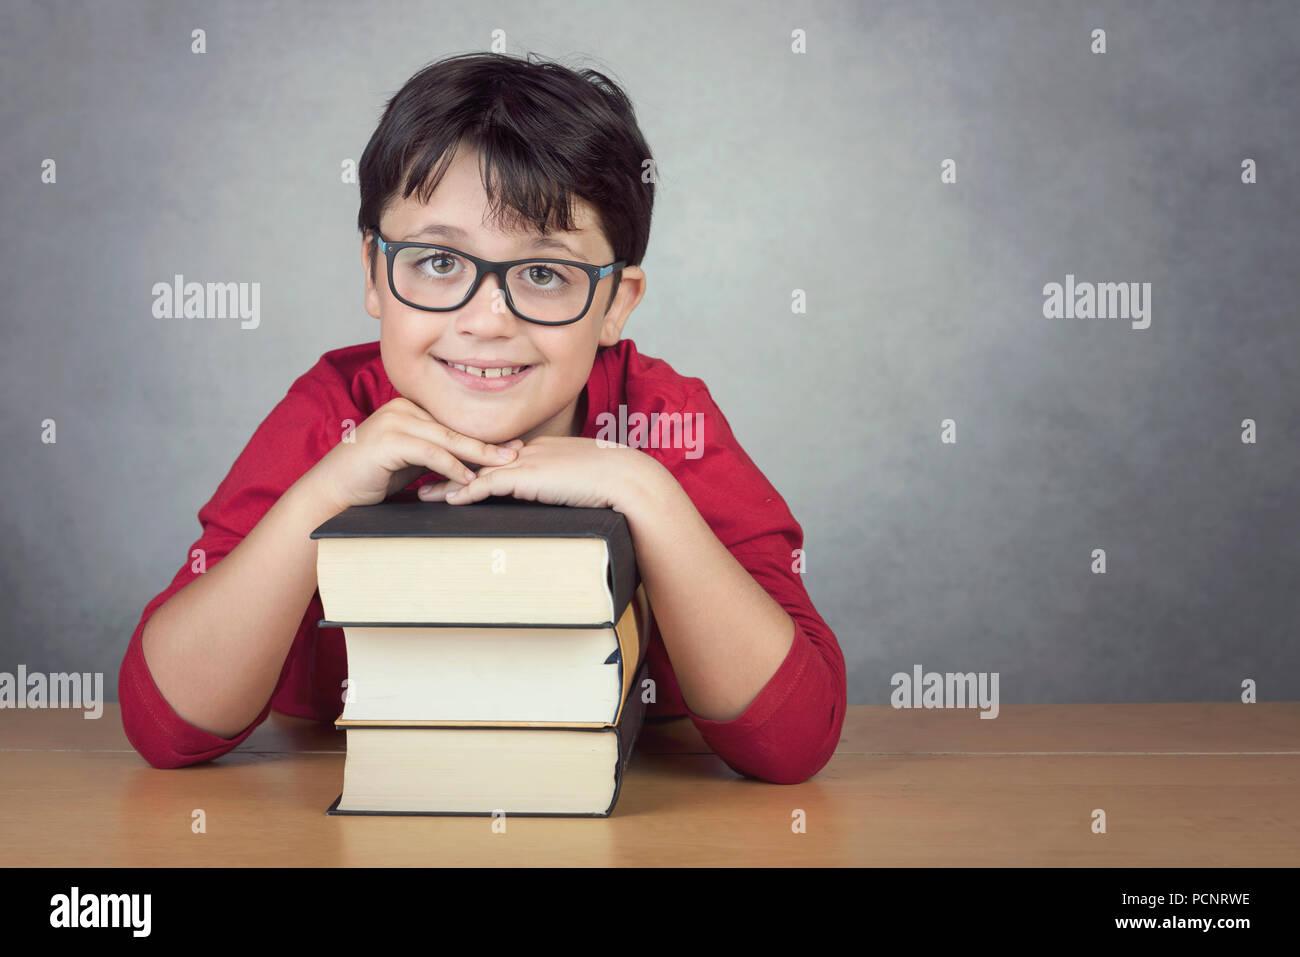 Lächelnd kleine Junge lehnte sich auf Bücher auf einem Tisch auf schwarzem Hintergrund Stockbild